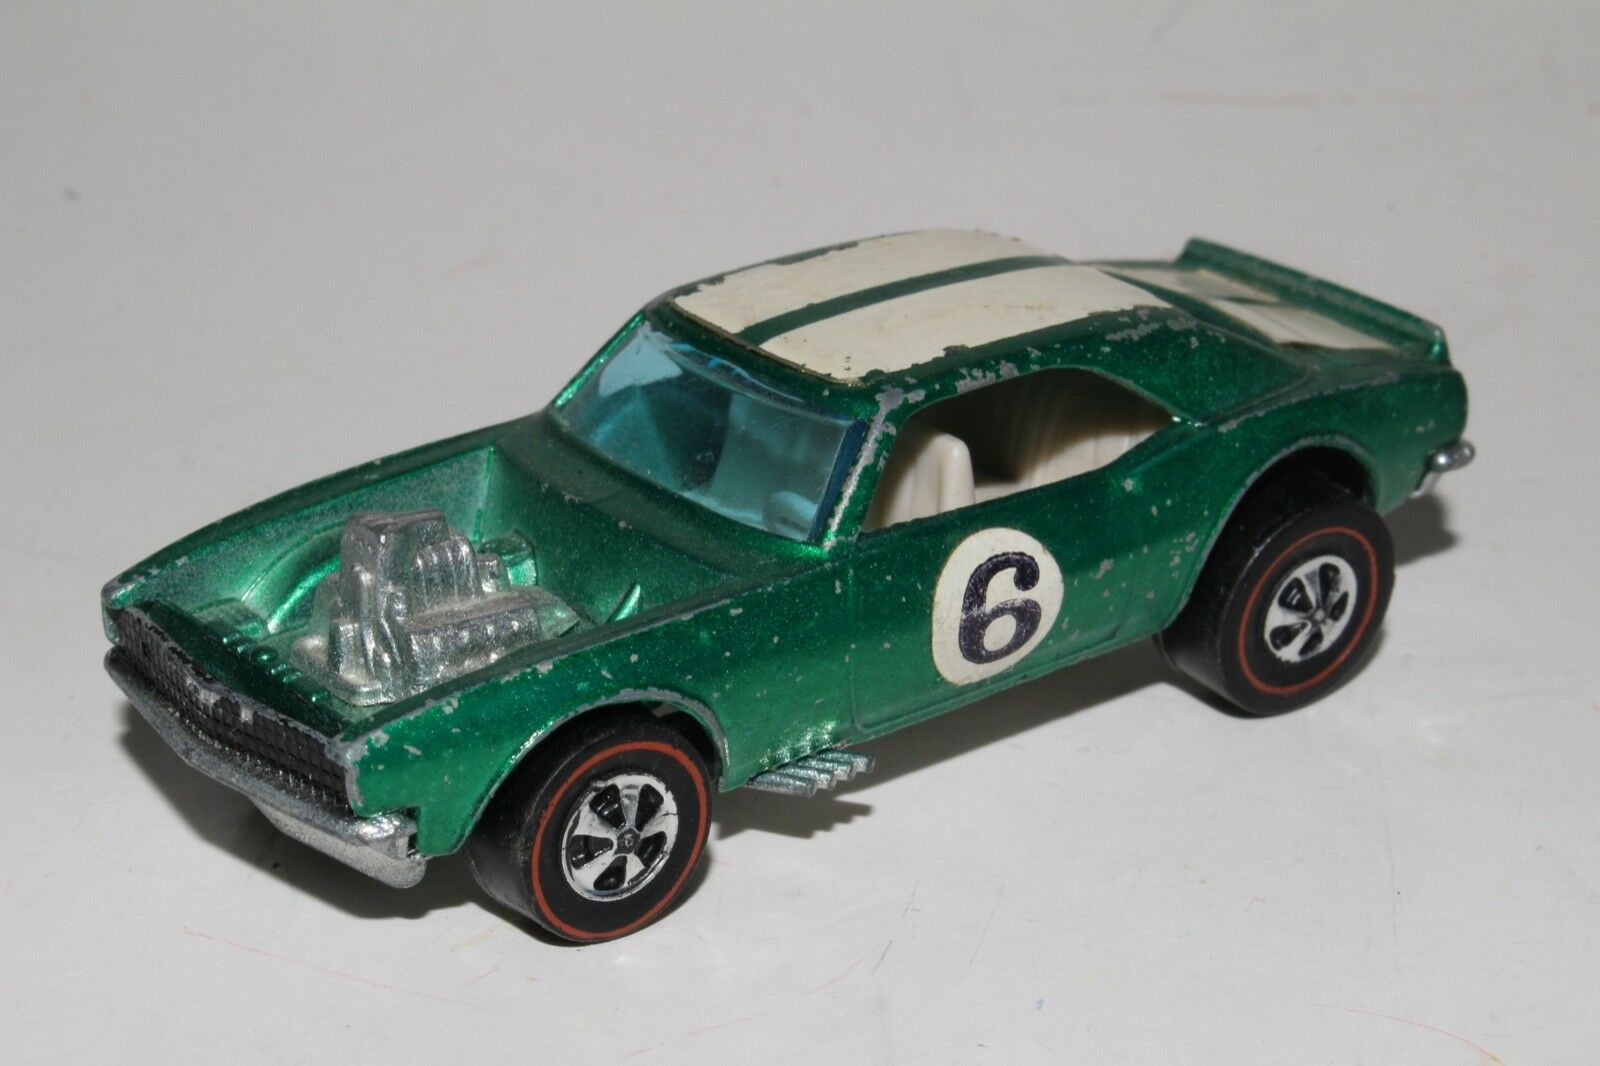 Hot Wheels rojoline Chevy pesado, verde metálico, Lindo, Original